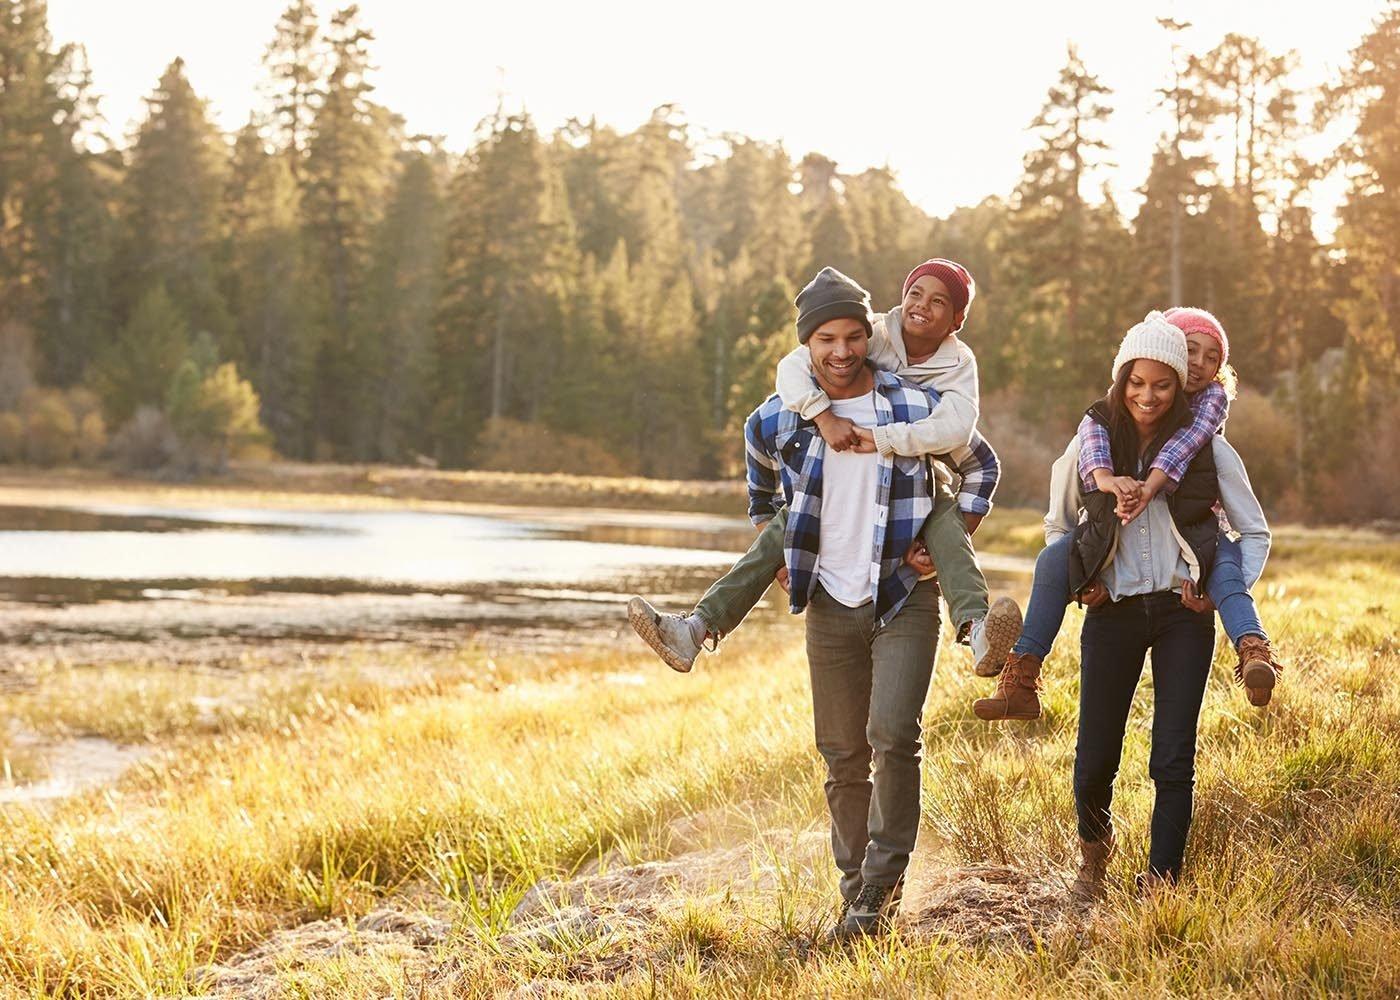 Une promenade est une bonne idée d'activité à faire en famille.